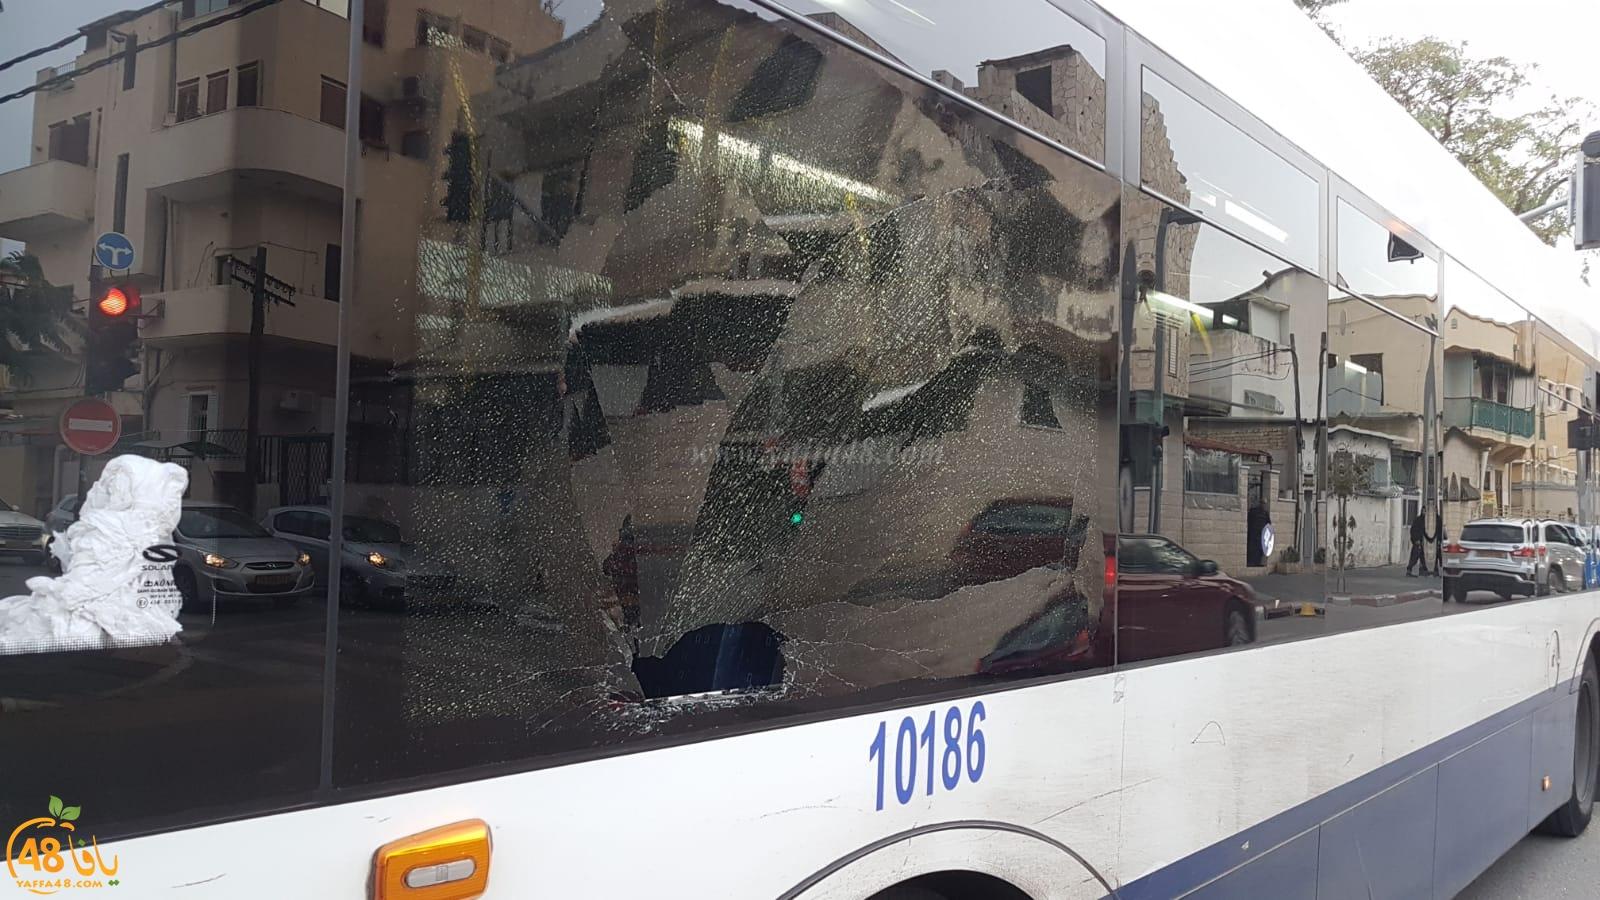 يافا: اصابة طفيفة لفتى اثر تعرضه للدهس من قبل حافلة